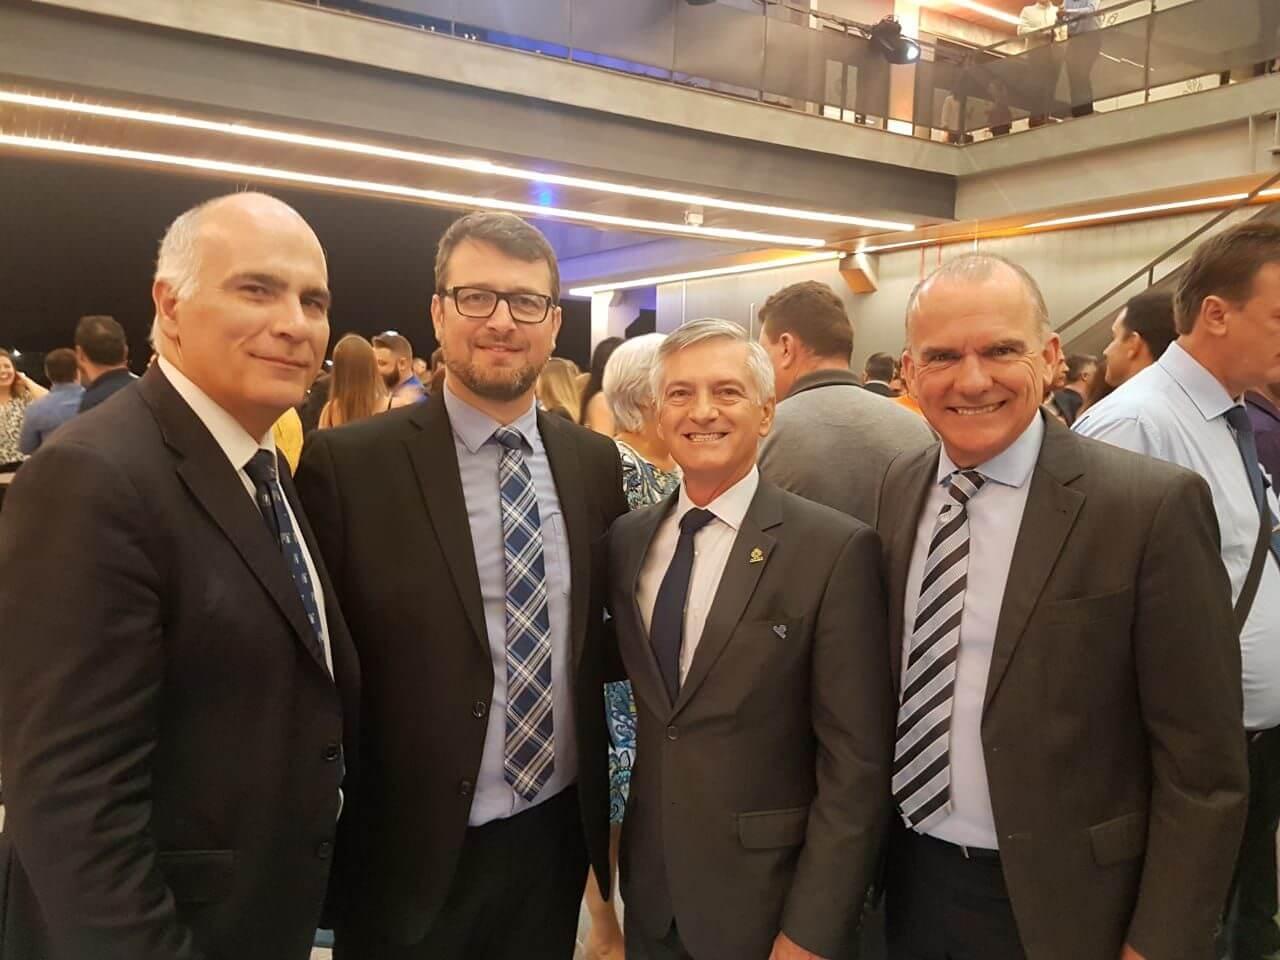 Presidente da Acafe prestigia inauguração do Centro de Inovação de Joinville 1 (na foto, com investidores e o presidente da Fapesc)